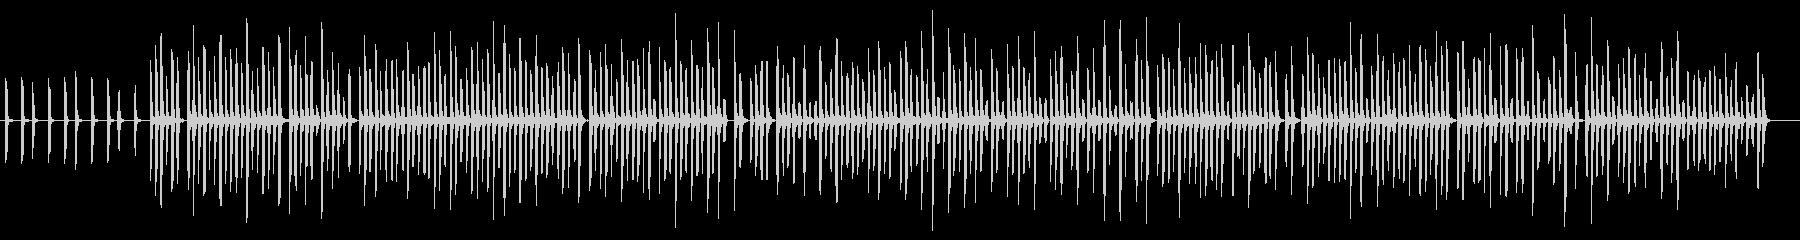 ランダムな口笛みたいな曲・コード進行の未再生の波形